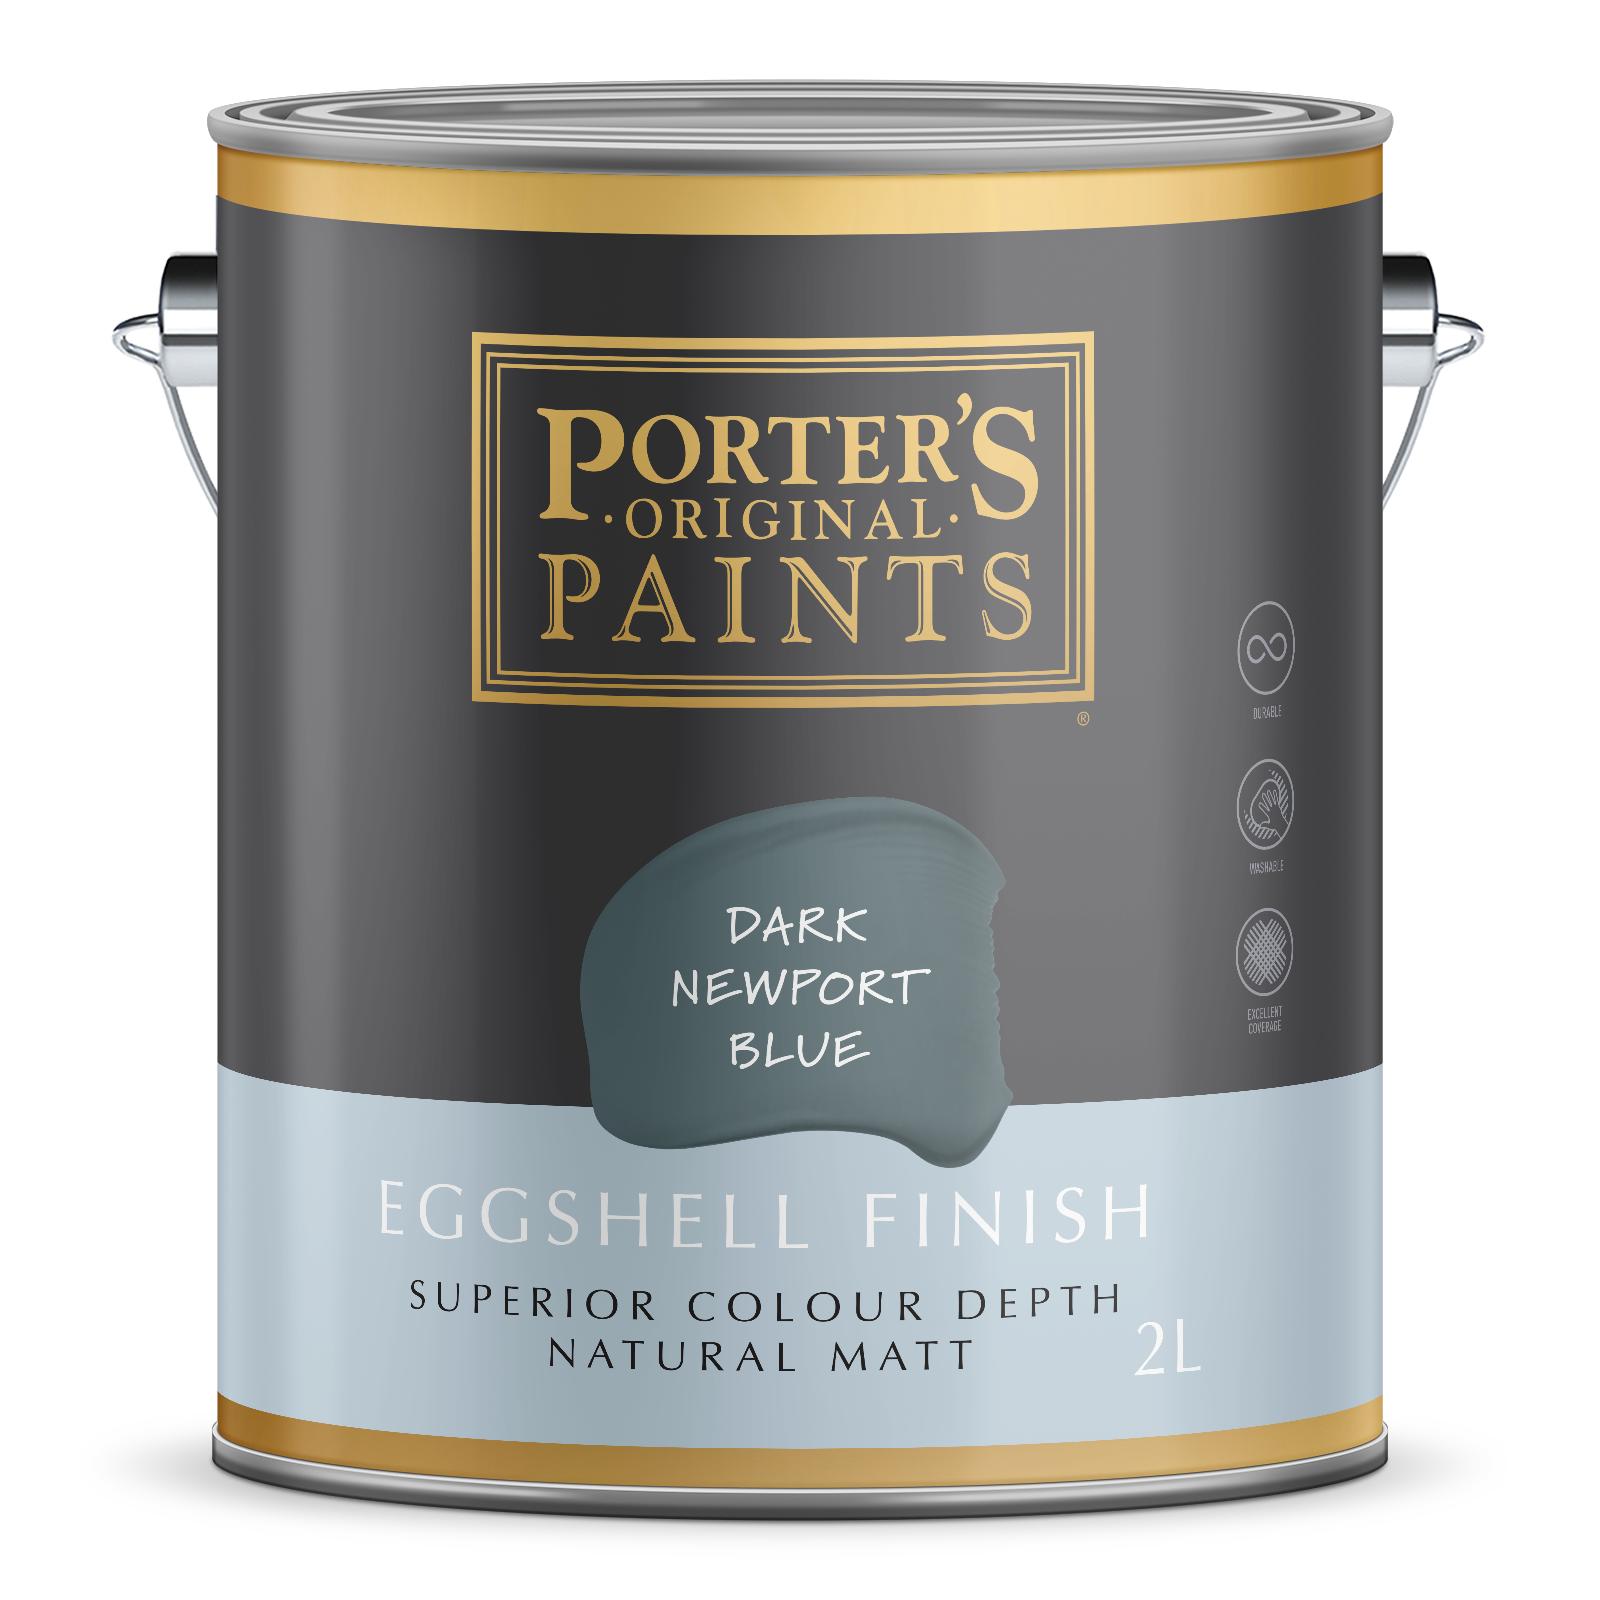 Porter's 2L Dark Newport Blue Eggshell Finish Broadwall Washable Paint